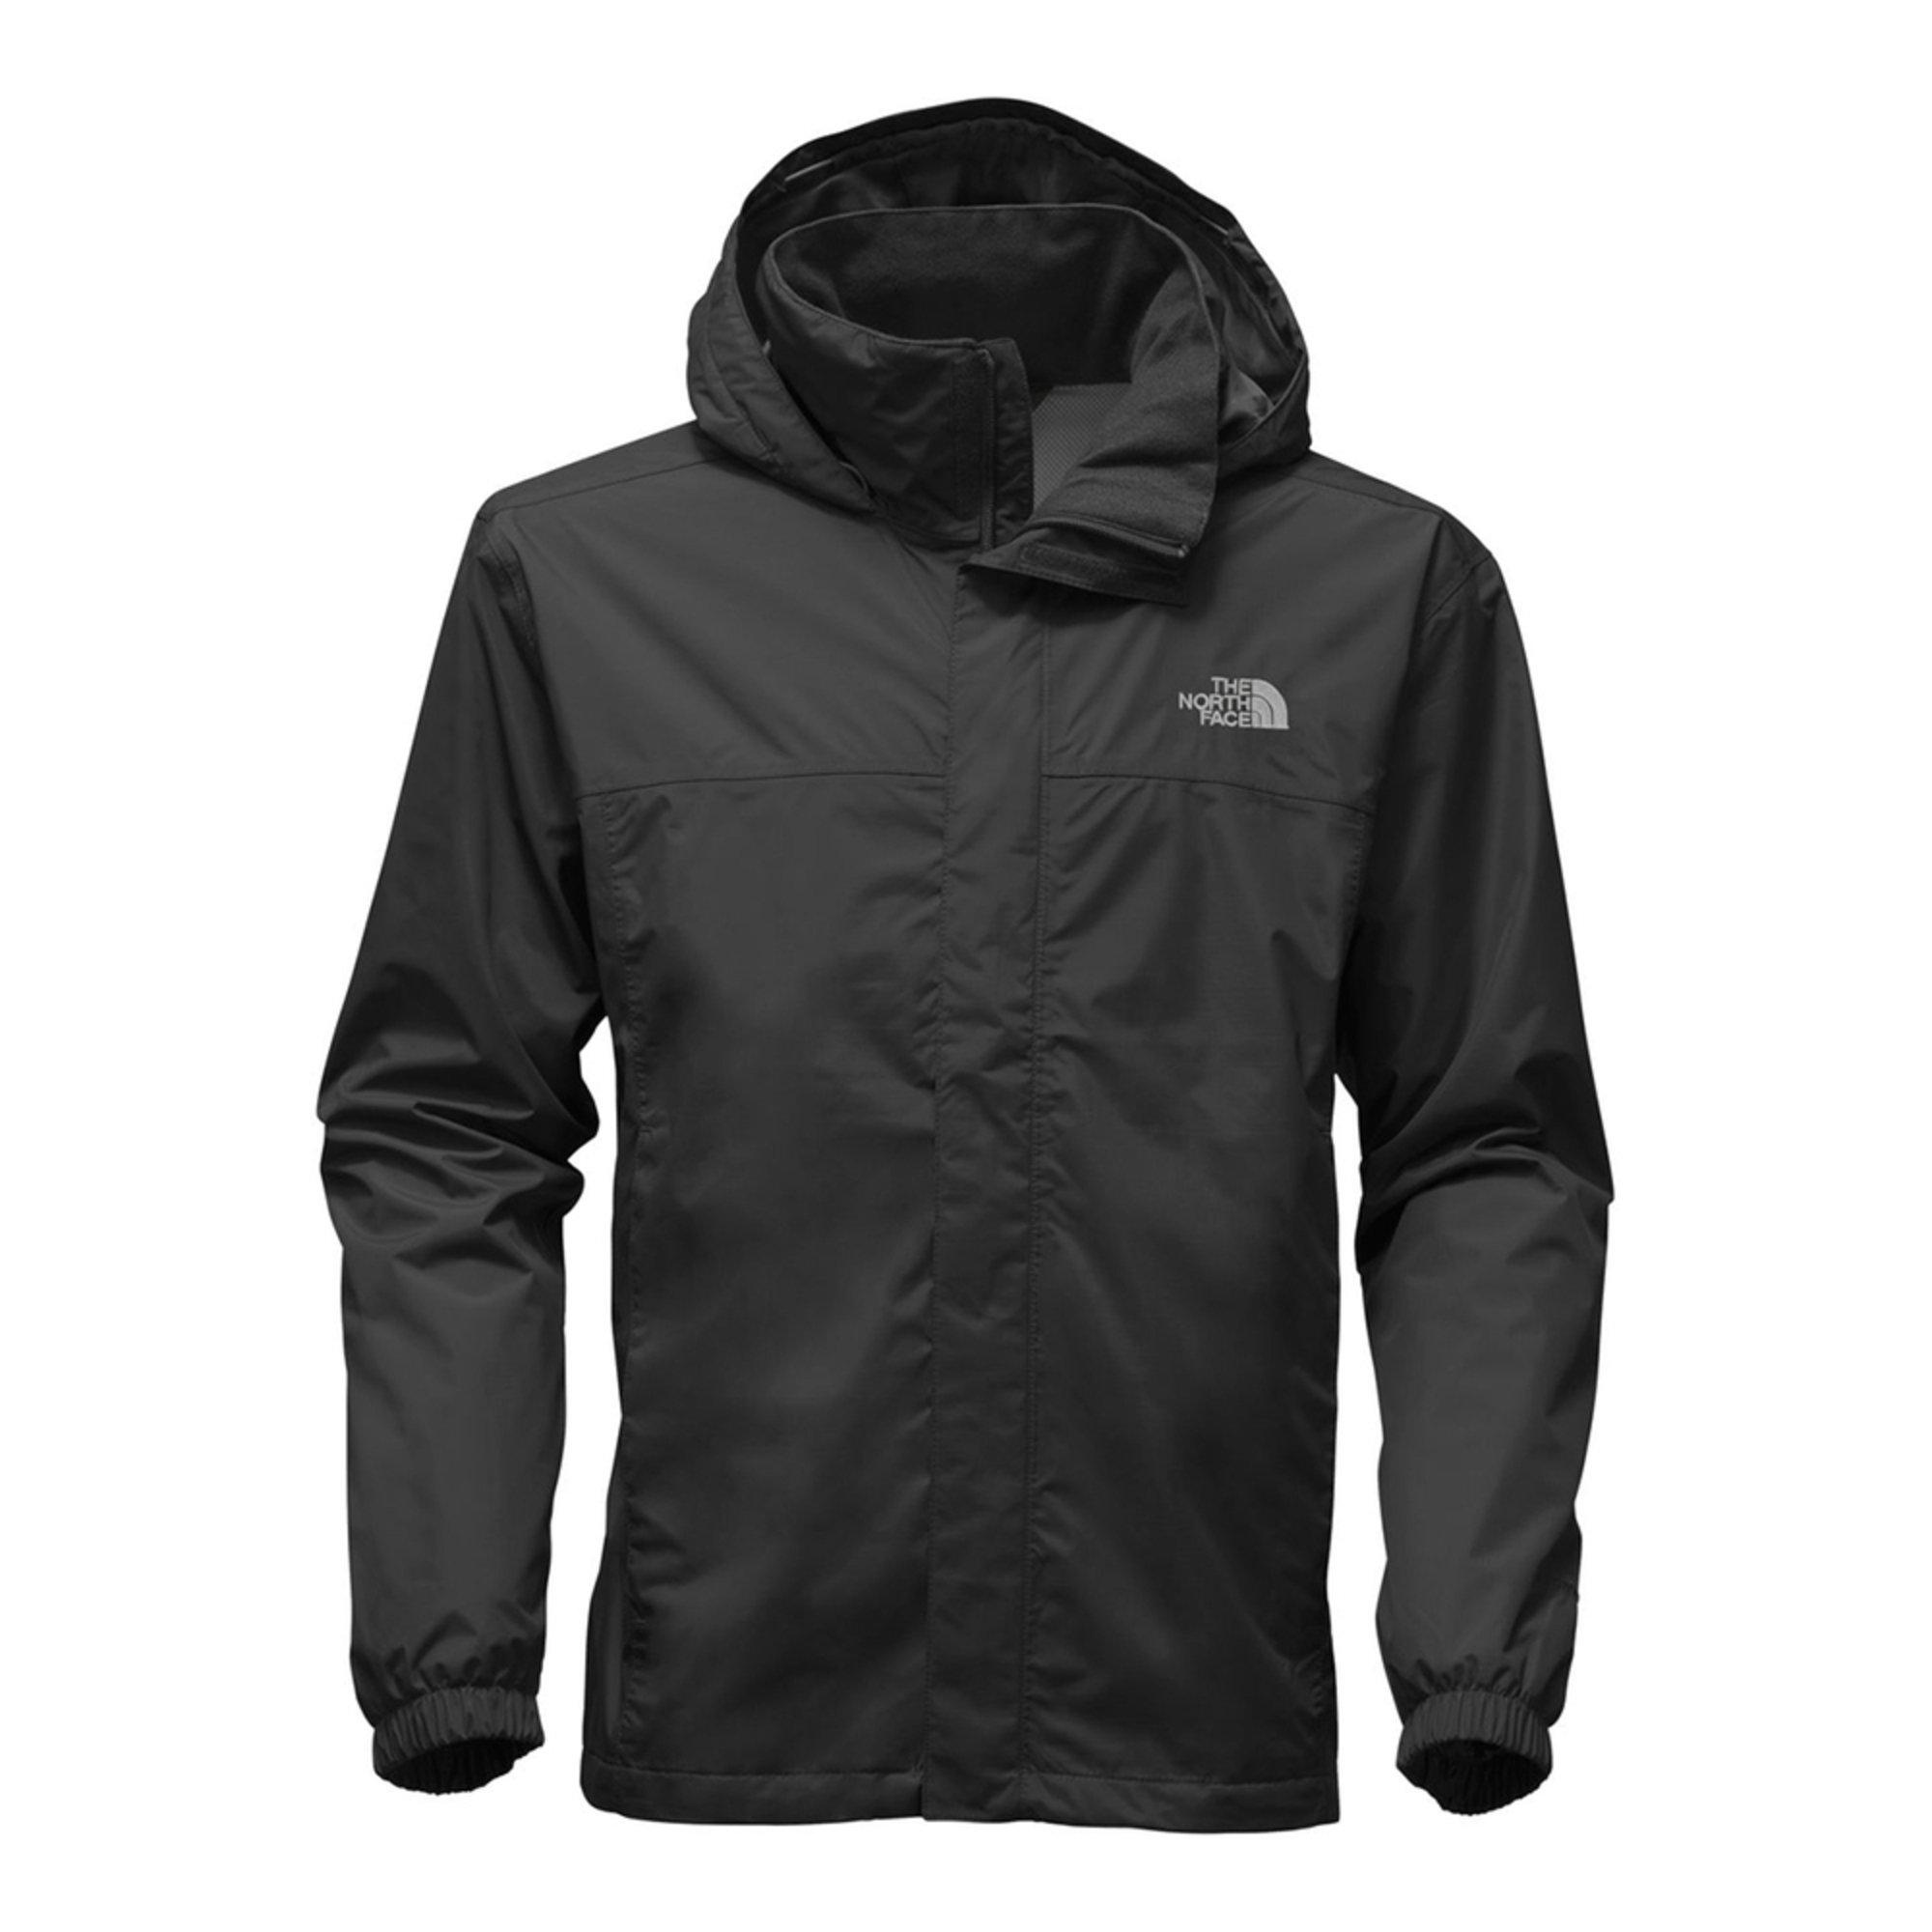 e8bbbab05 The North Face Men's Resolve 2 Jacket - Black